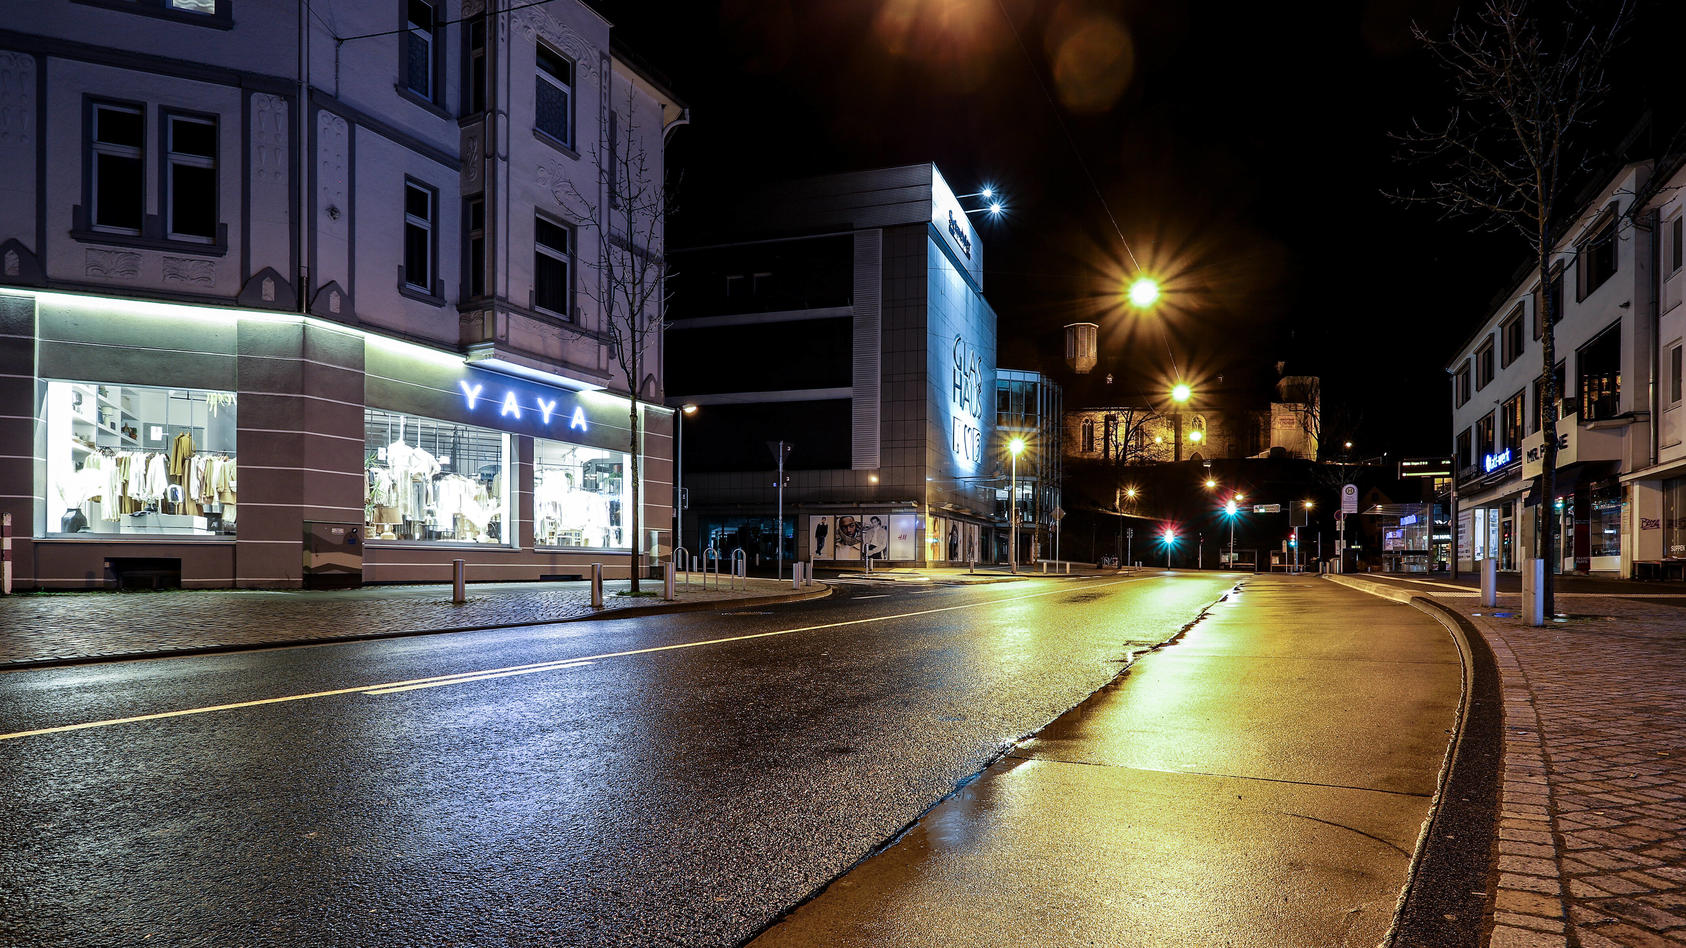 So könnte es bald in den Abendstunden in vielen deutschen Städten aussehen. Eine Ausgangssperre von 21:00 Uhr - 05:00 Uhr steht zur Diskussion.